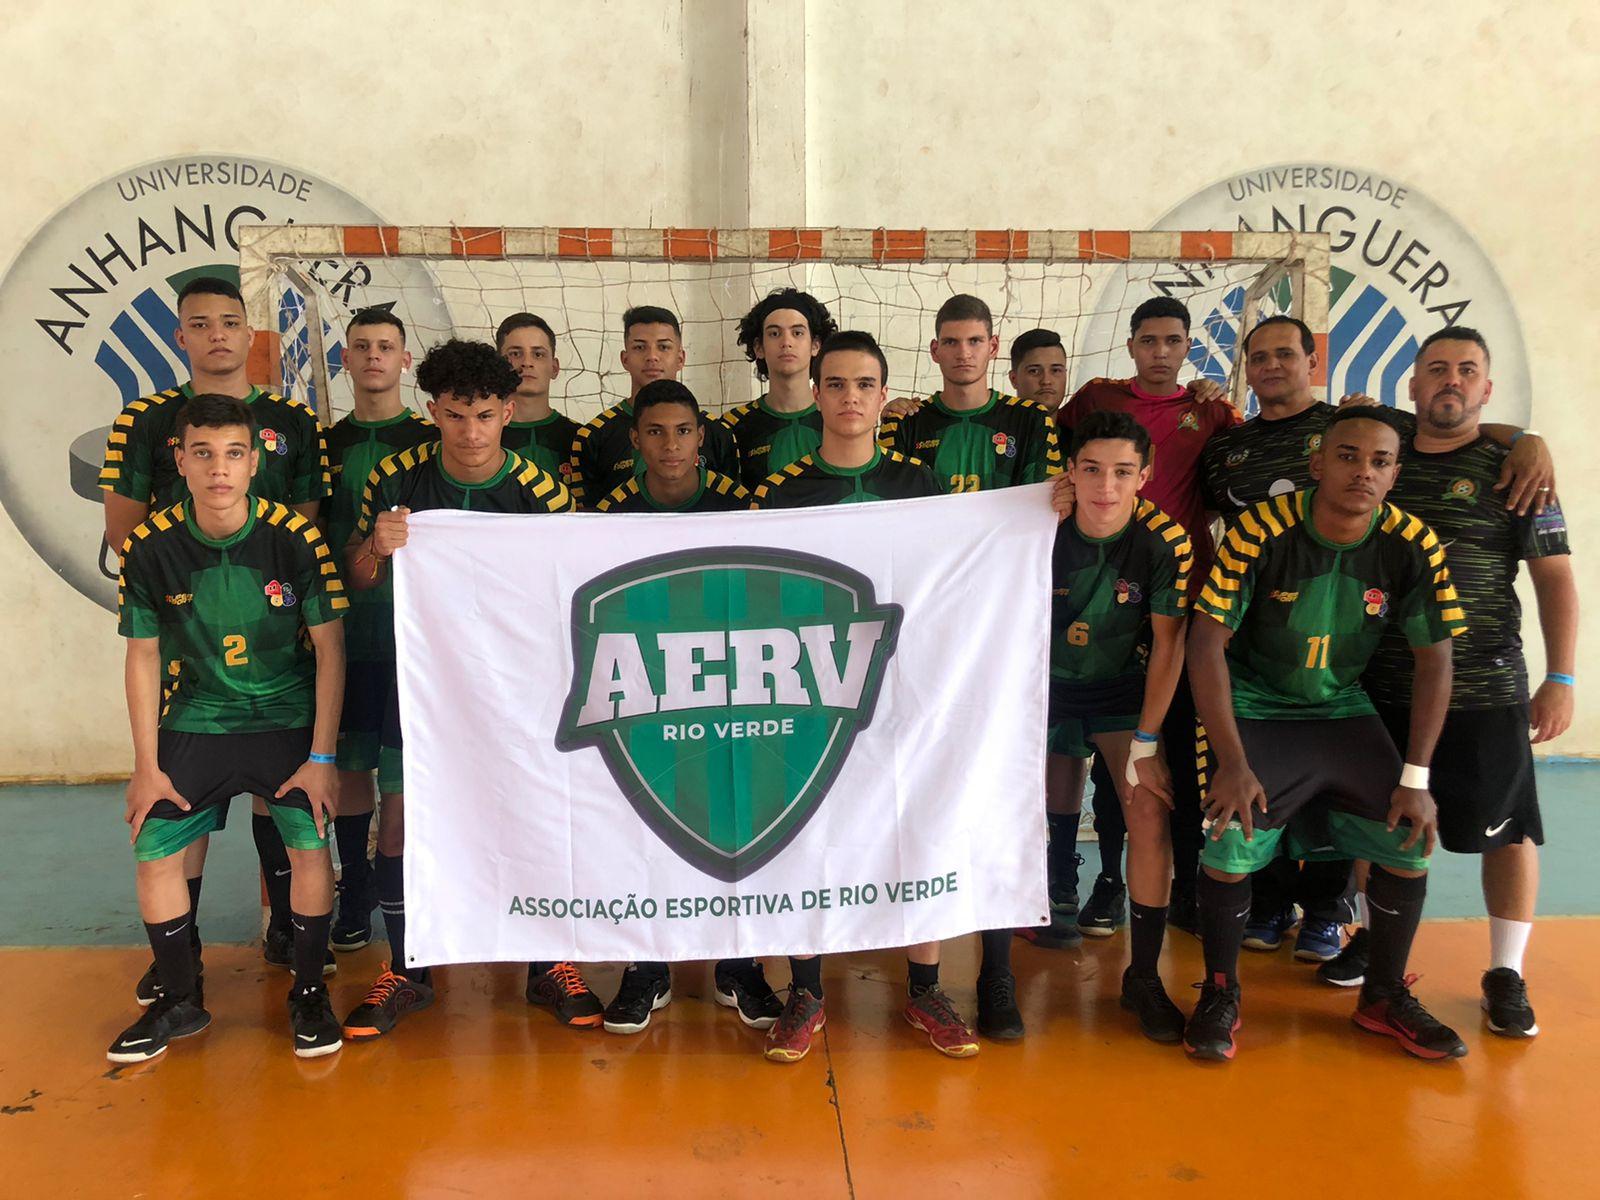 AERV estreia com vitória no Campeonato Brasileiro de Handebol Juvenil